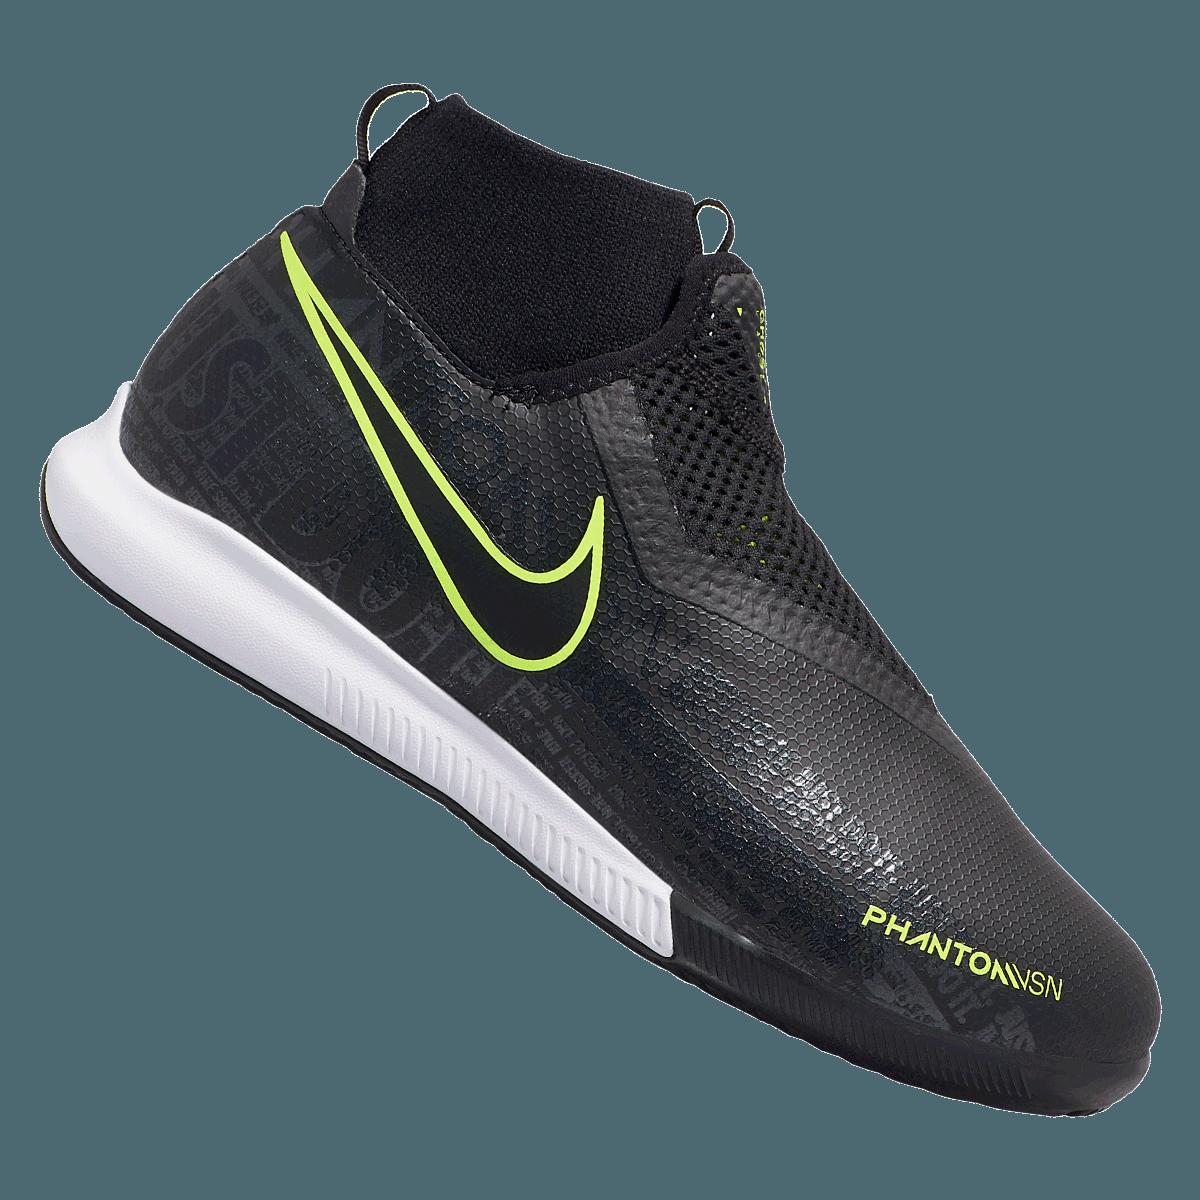 Nike Phantom Venom Academy IC teremcipő narancssárgafehér